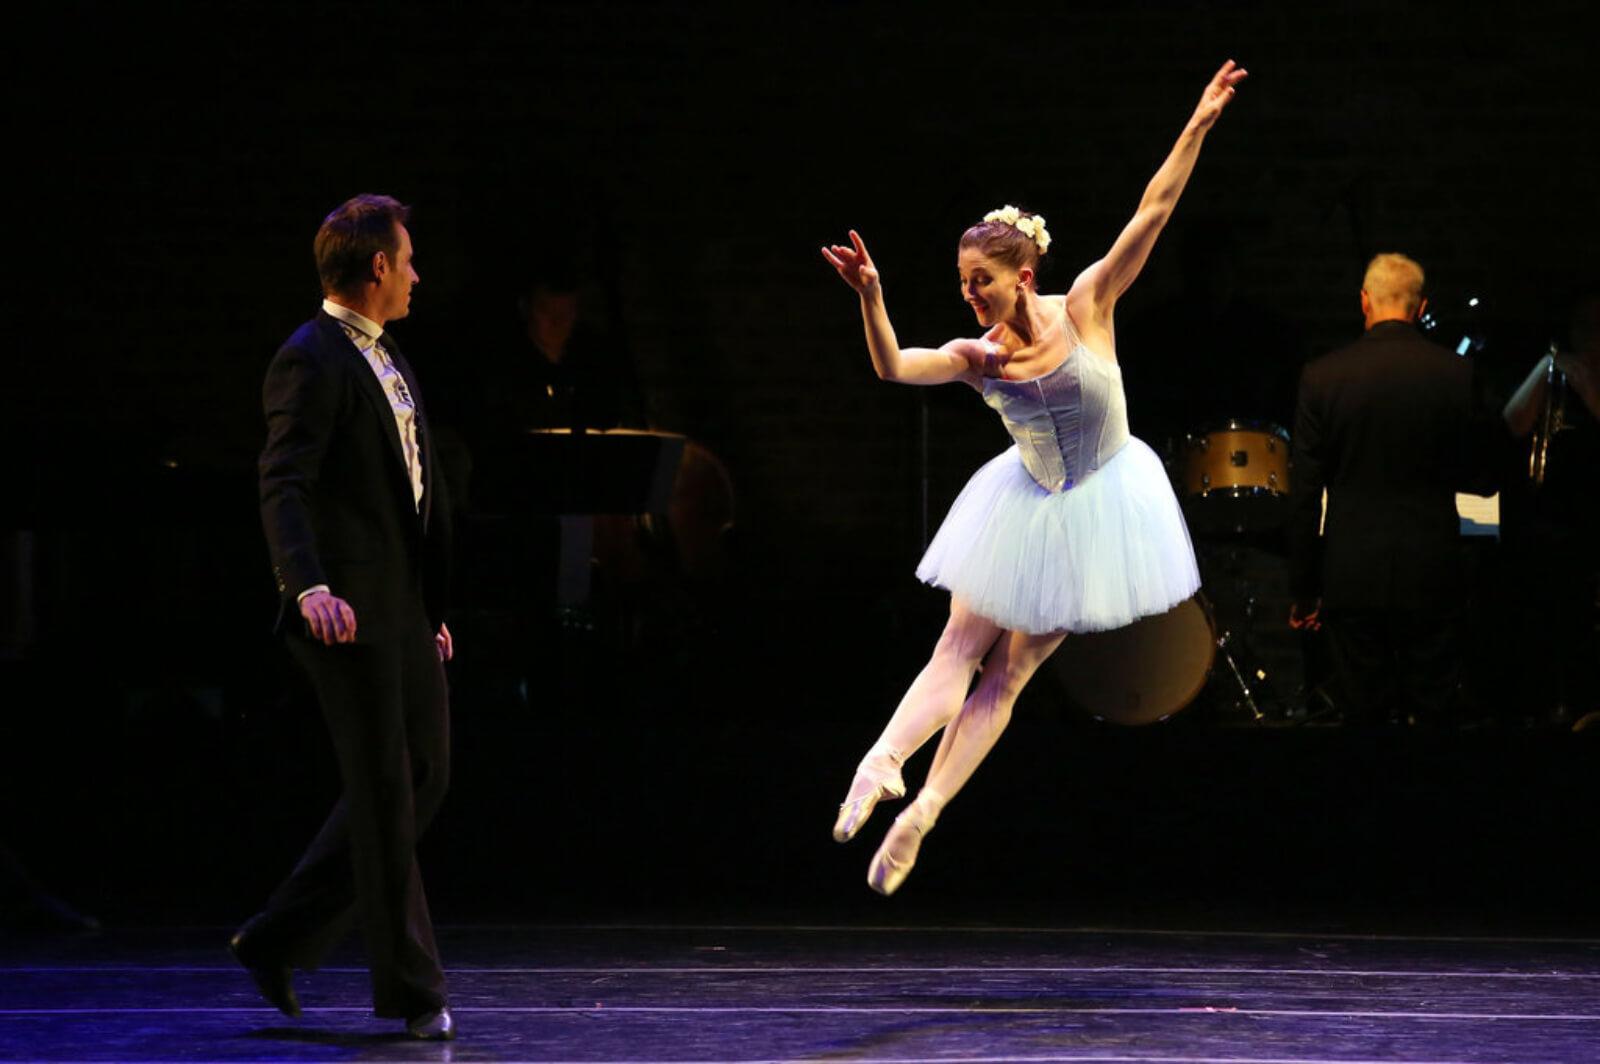 A female dancer in a blue tutu leaps toward her dance partner in a suit.